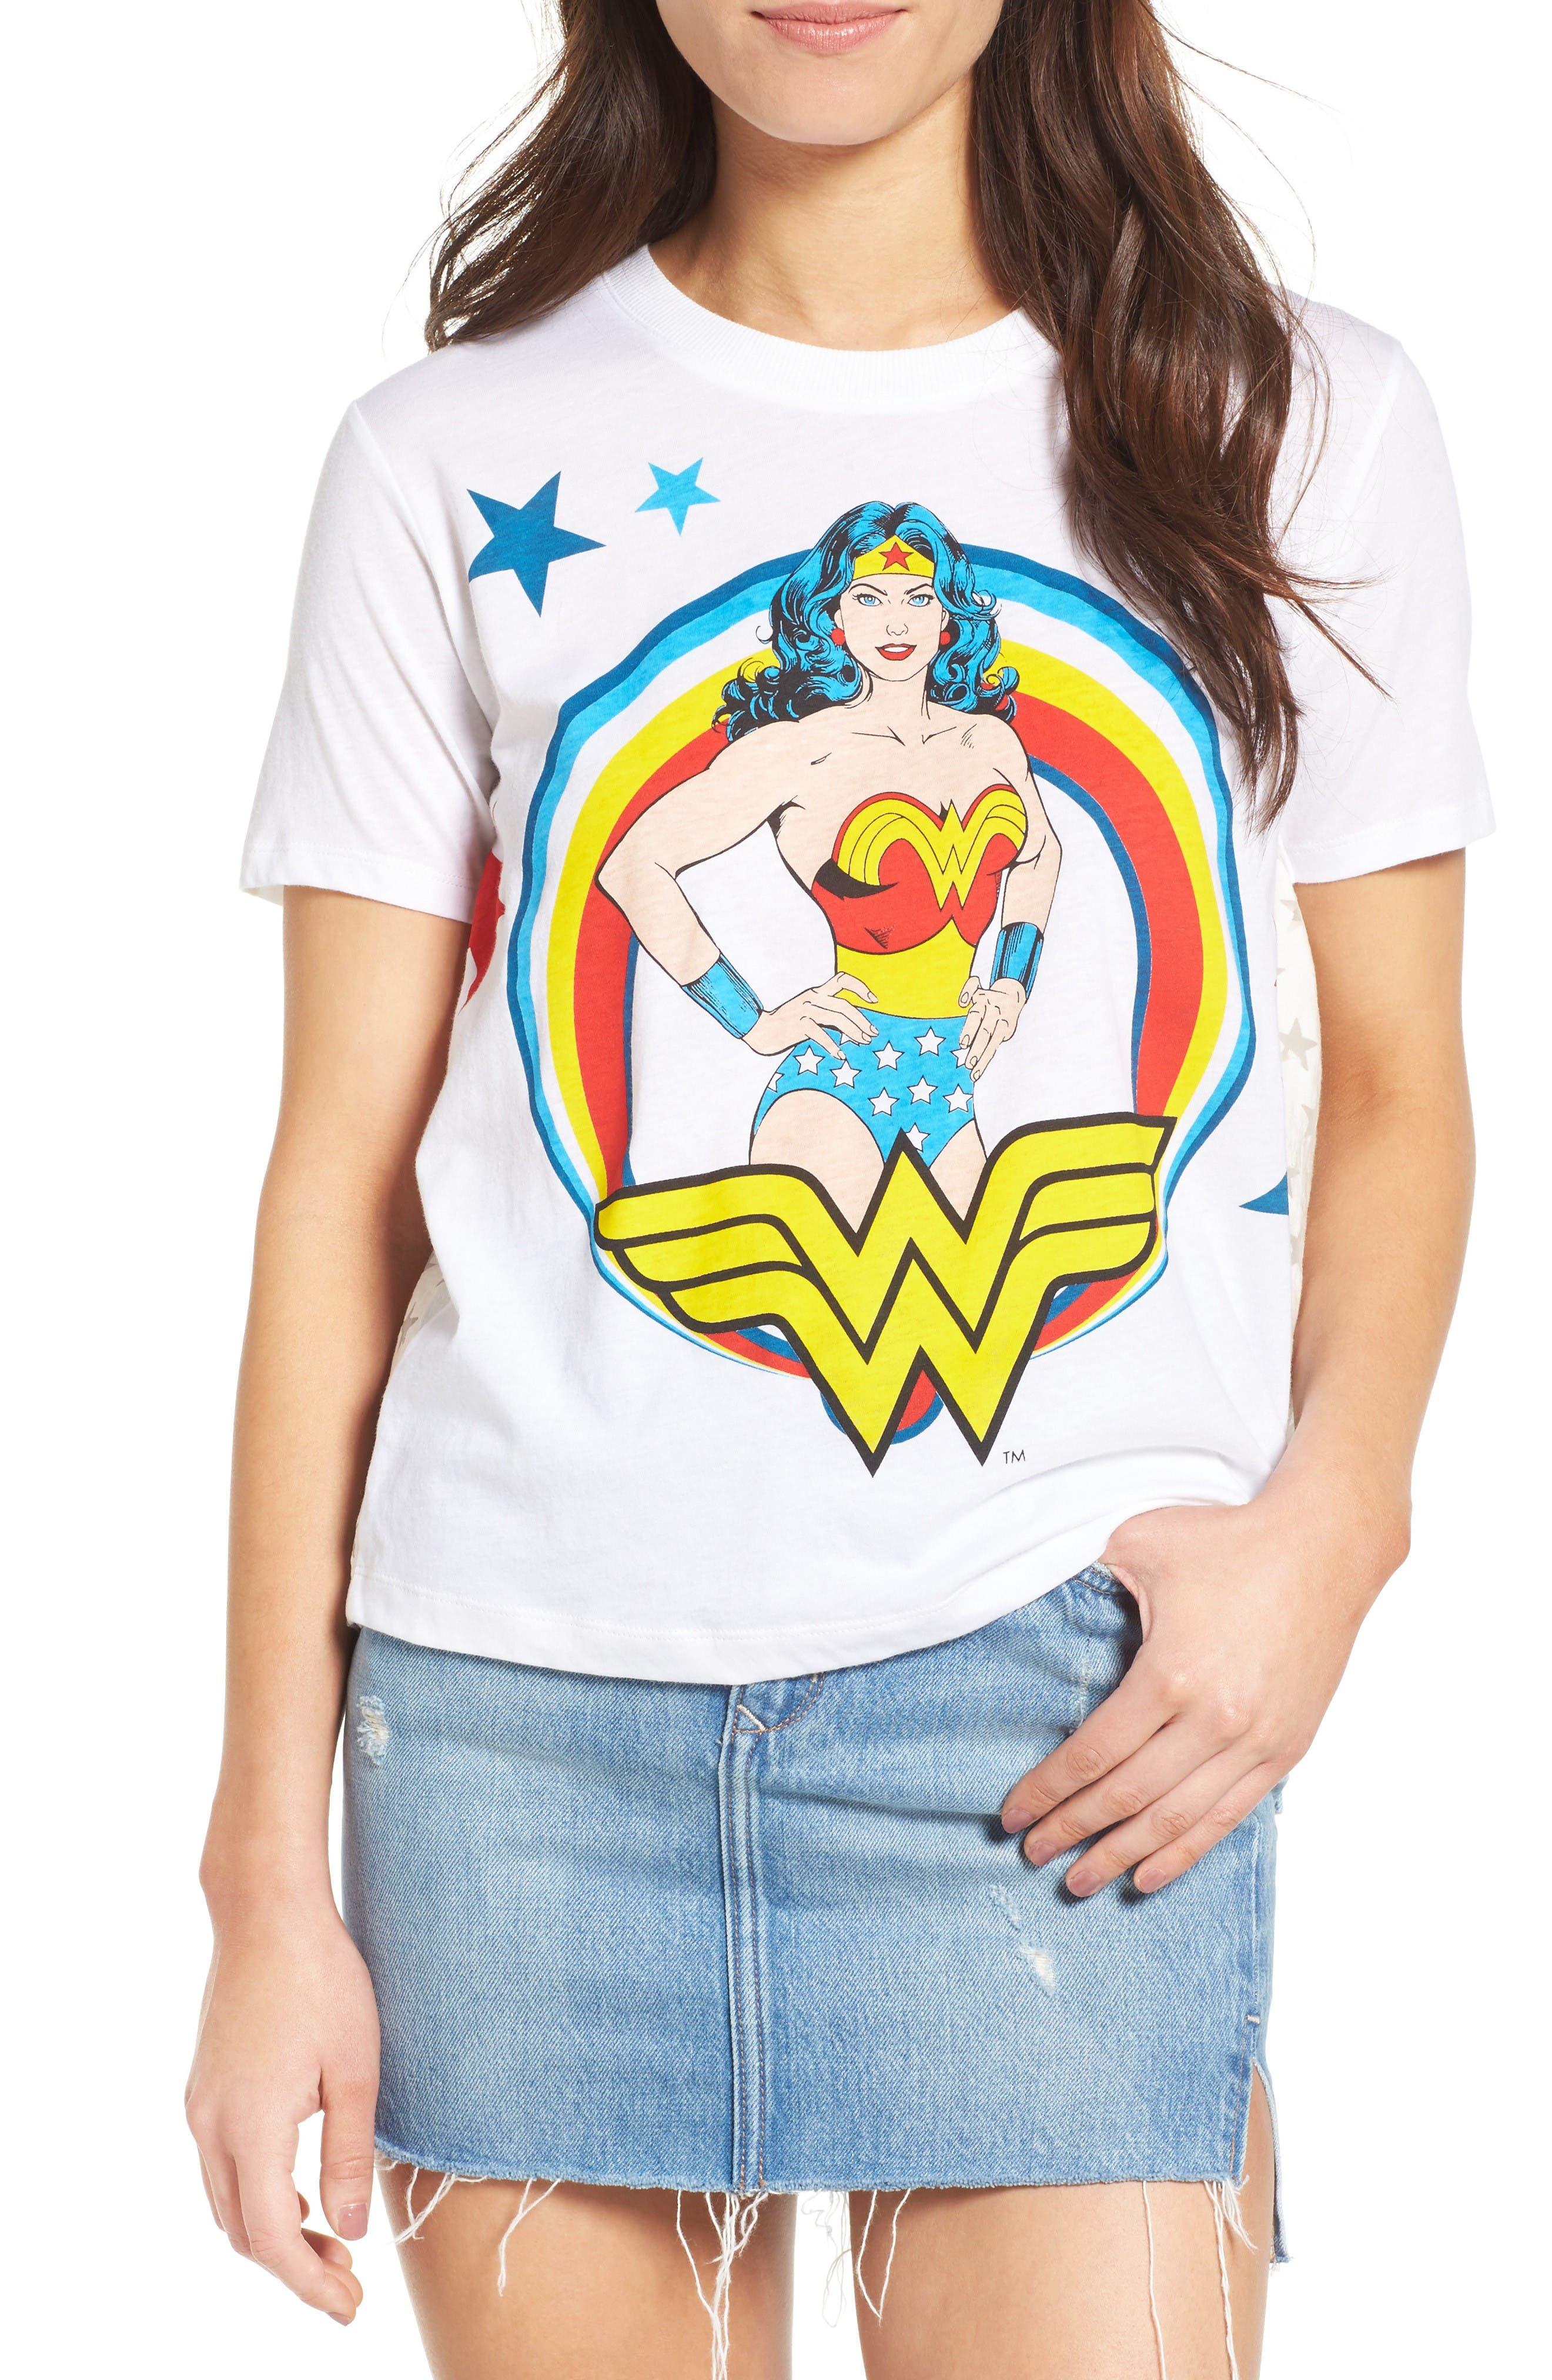 Main Image - Paul & Joe Sister Wonder Woman Tee